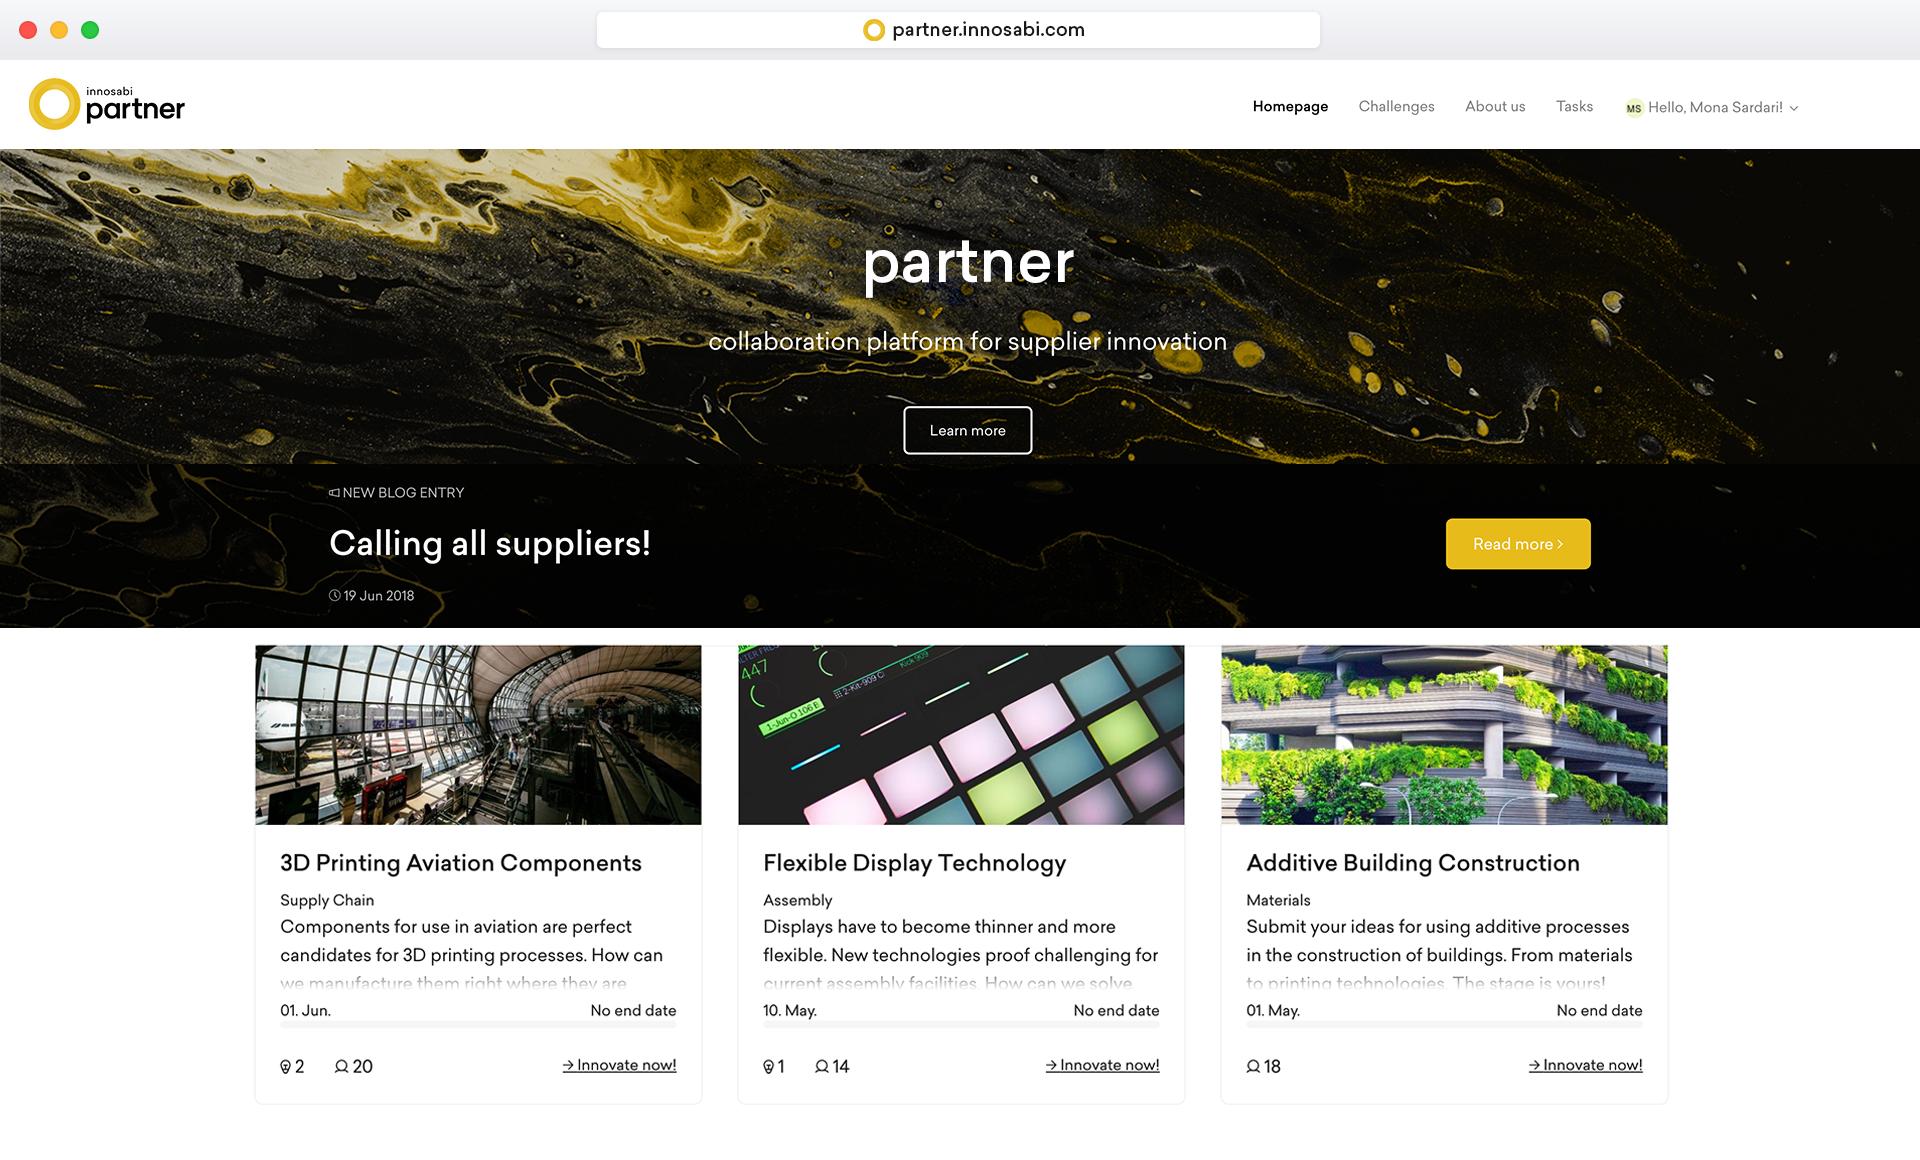 innosabi partner software